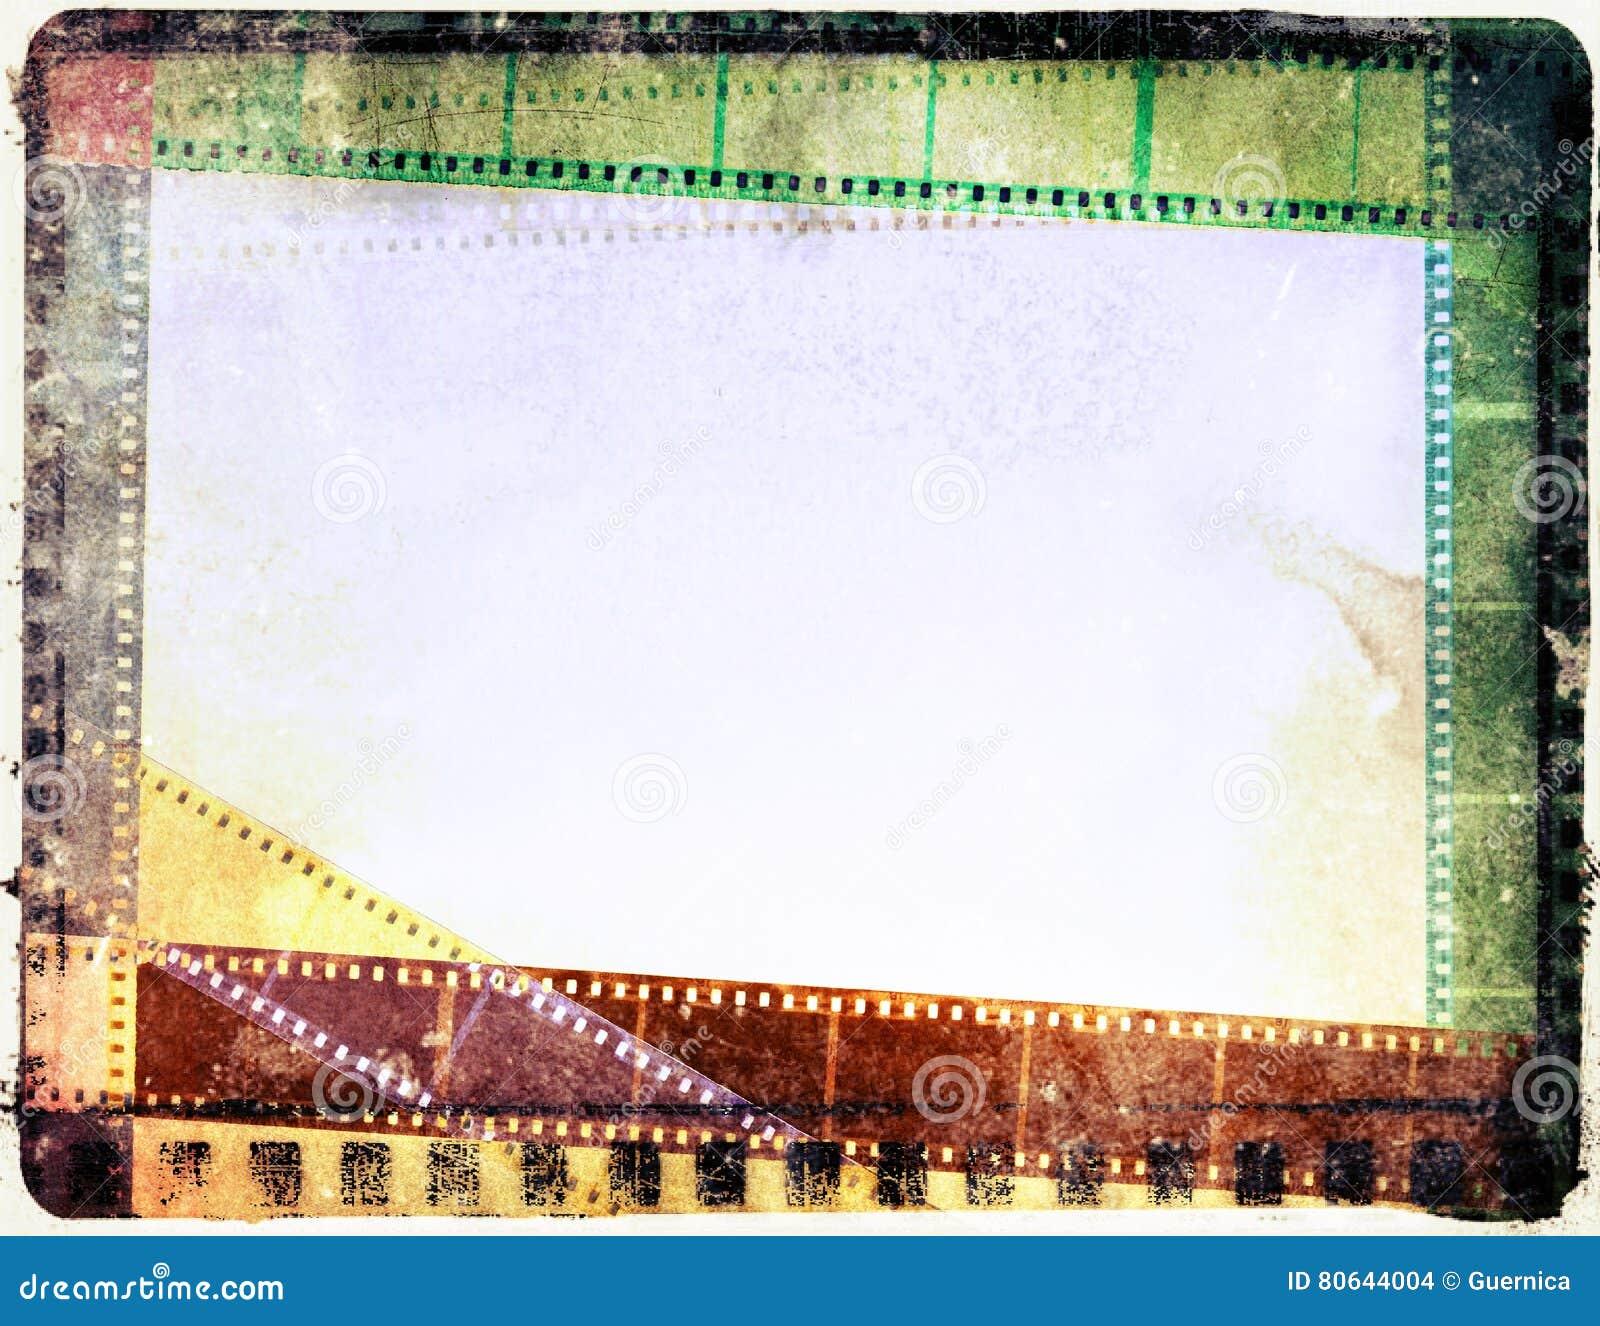 Marco De Película Stock Photos - Royalty Free Pictures